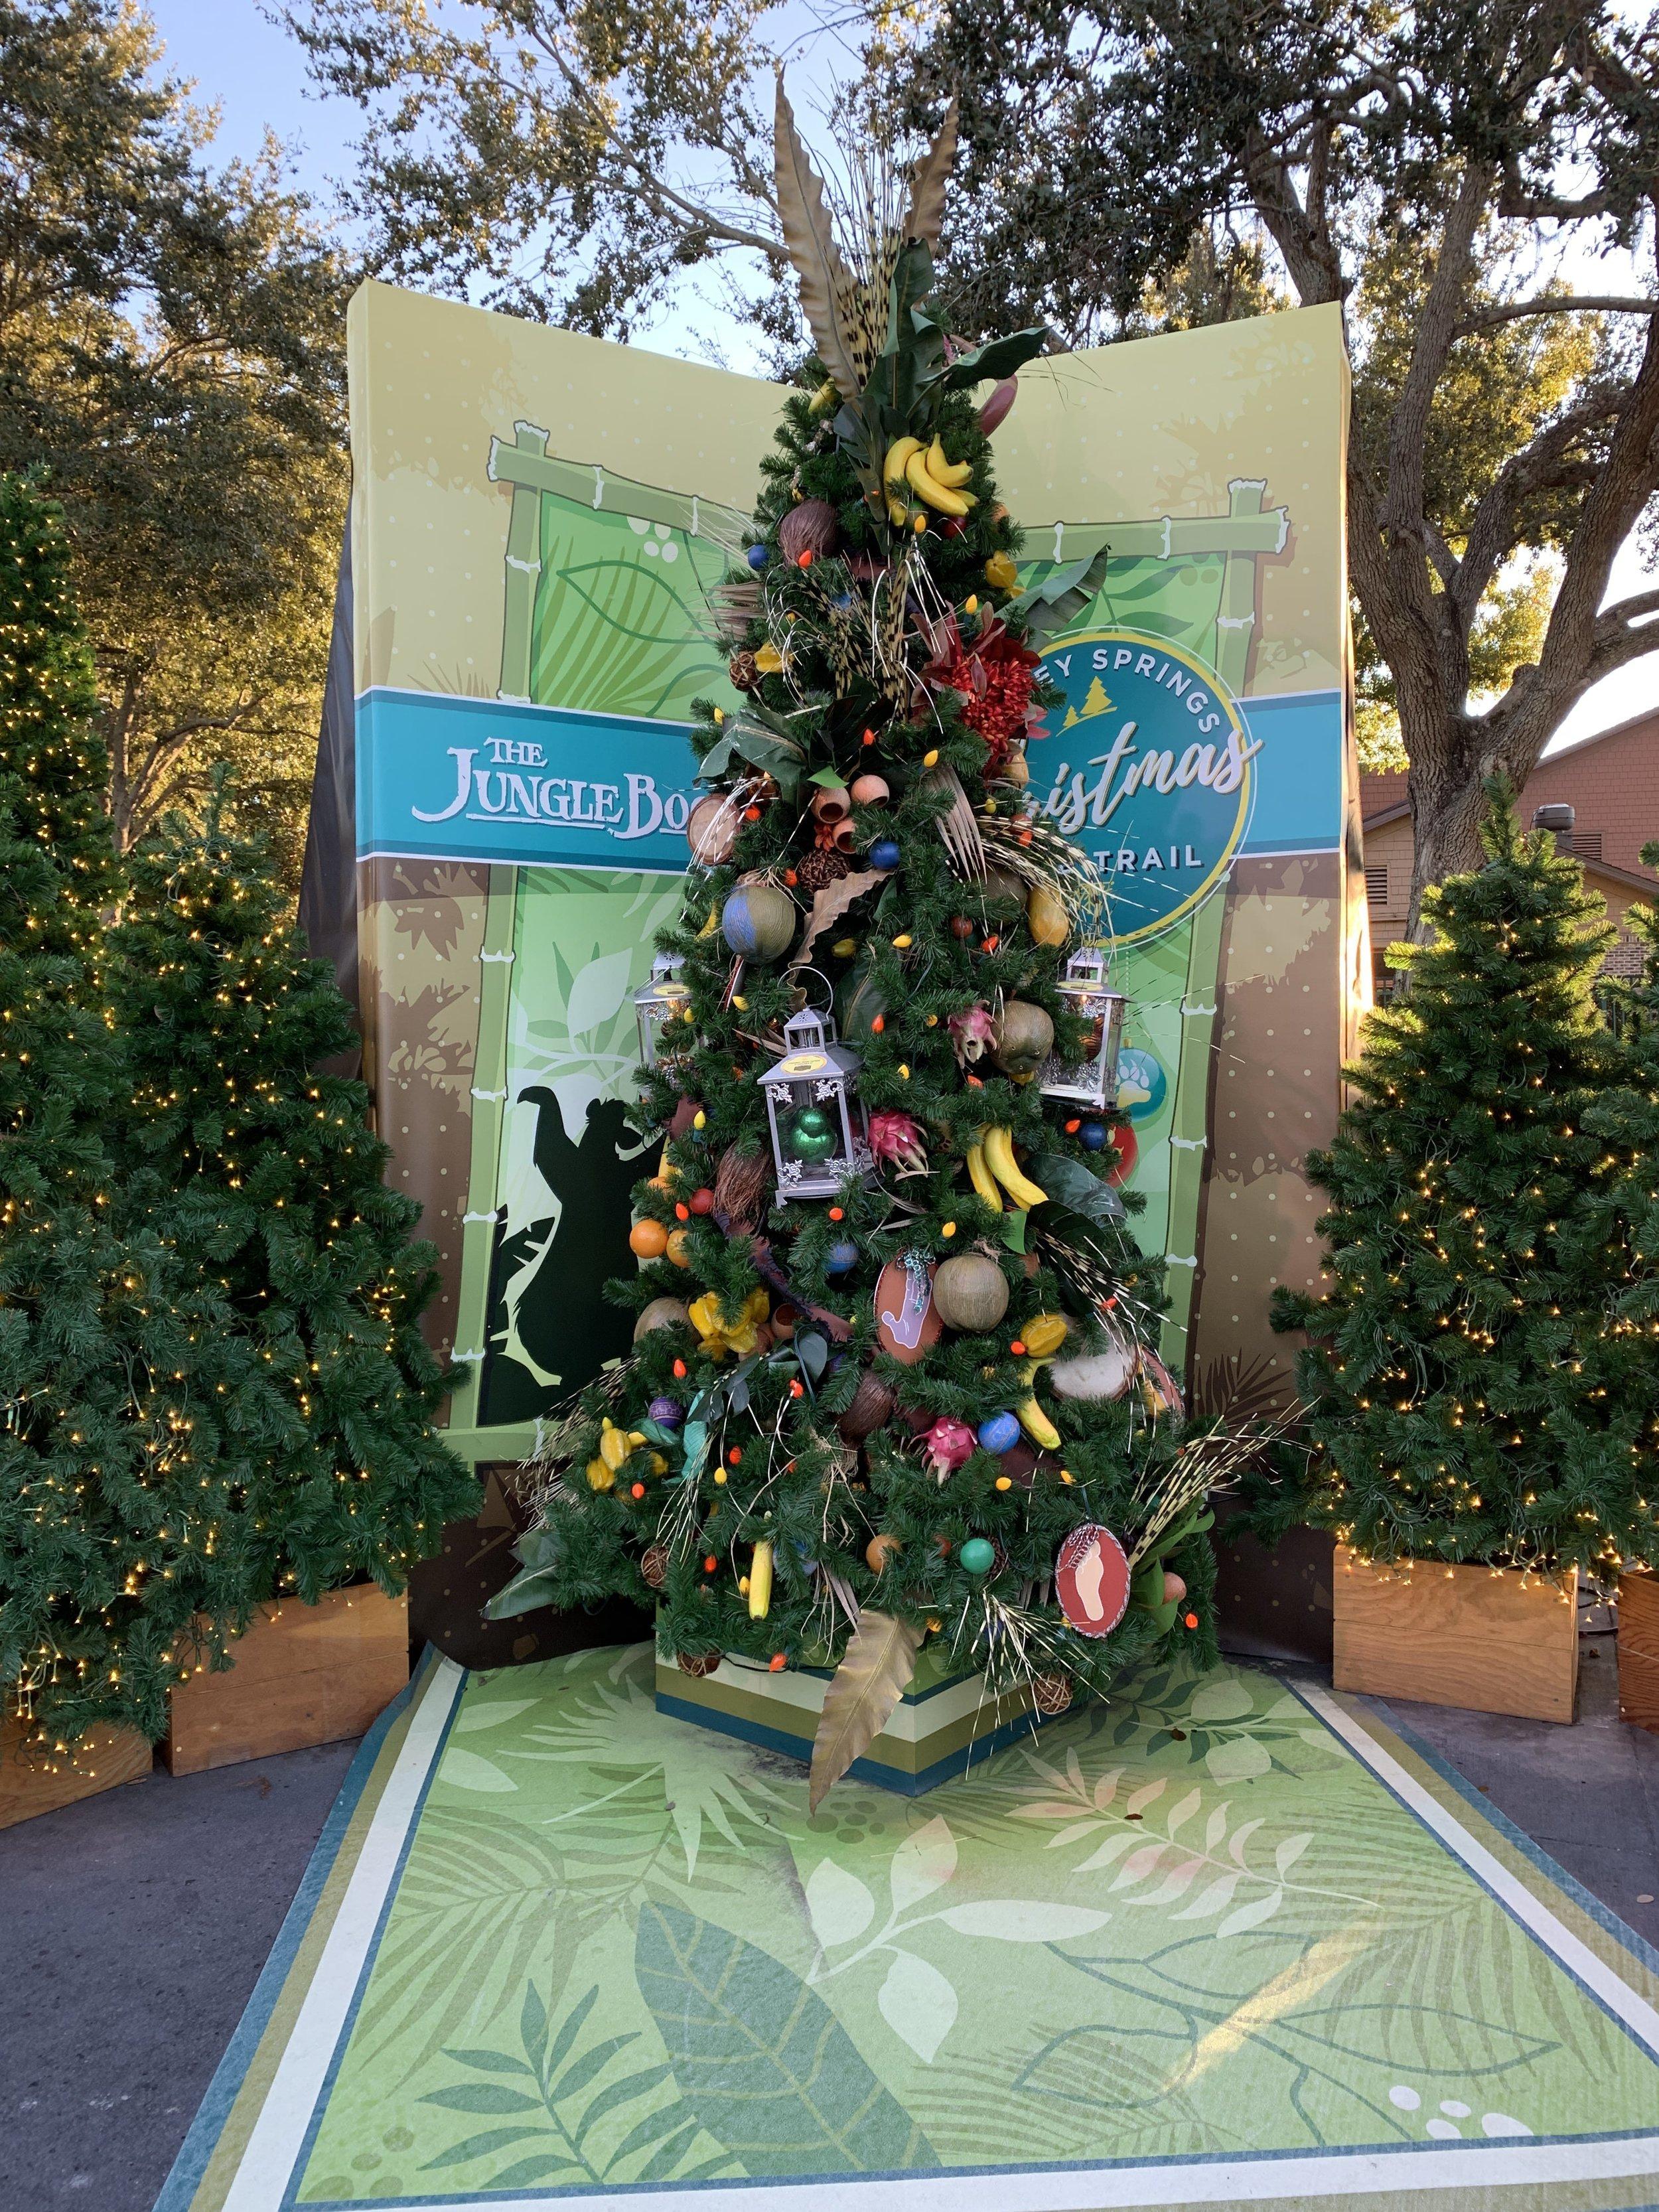 The Jungle Book Tree. Super cute!